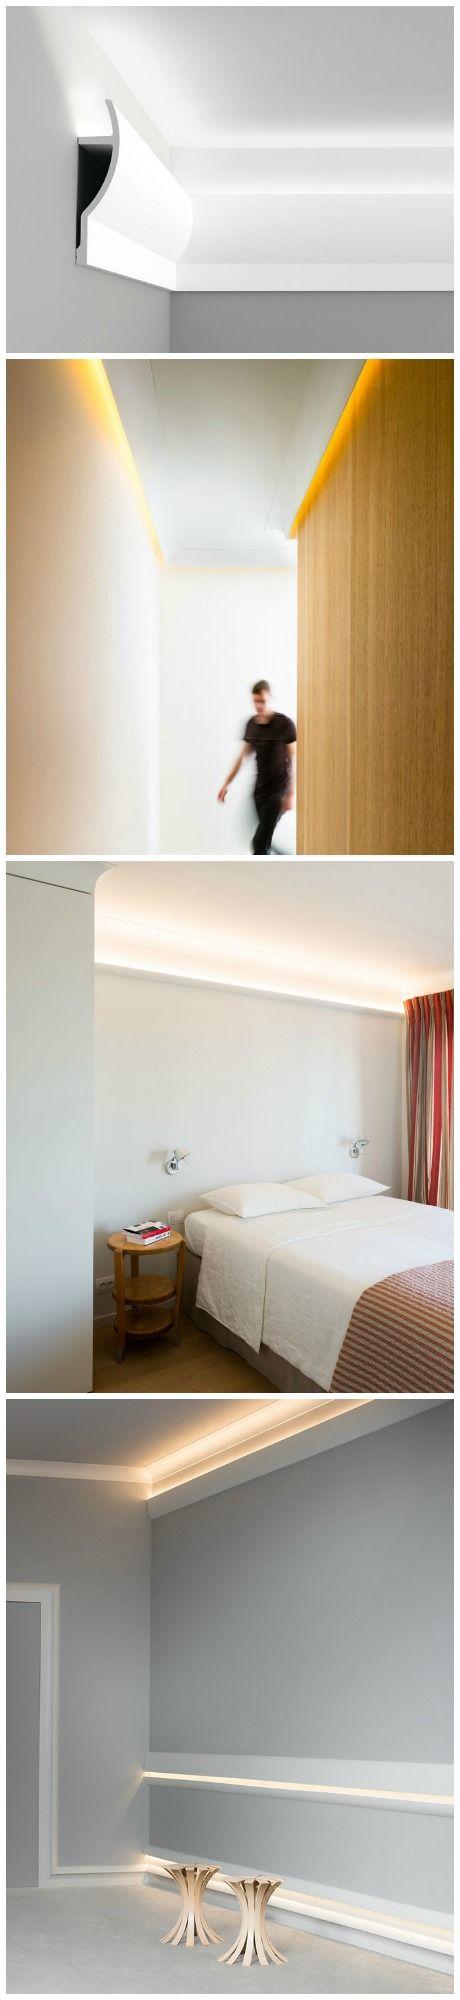 Diy Crown Molding For Indirect Lighting Getdatgadget Bed